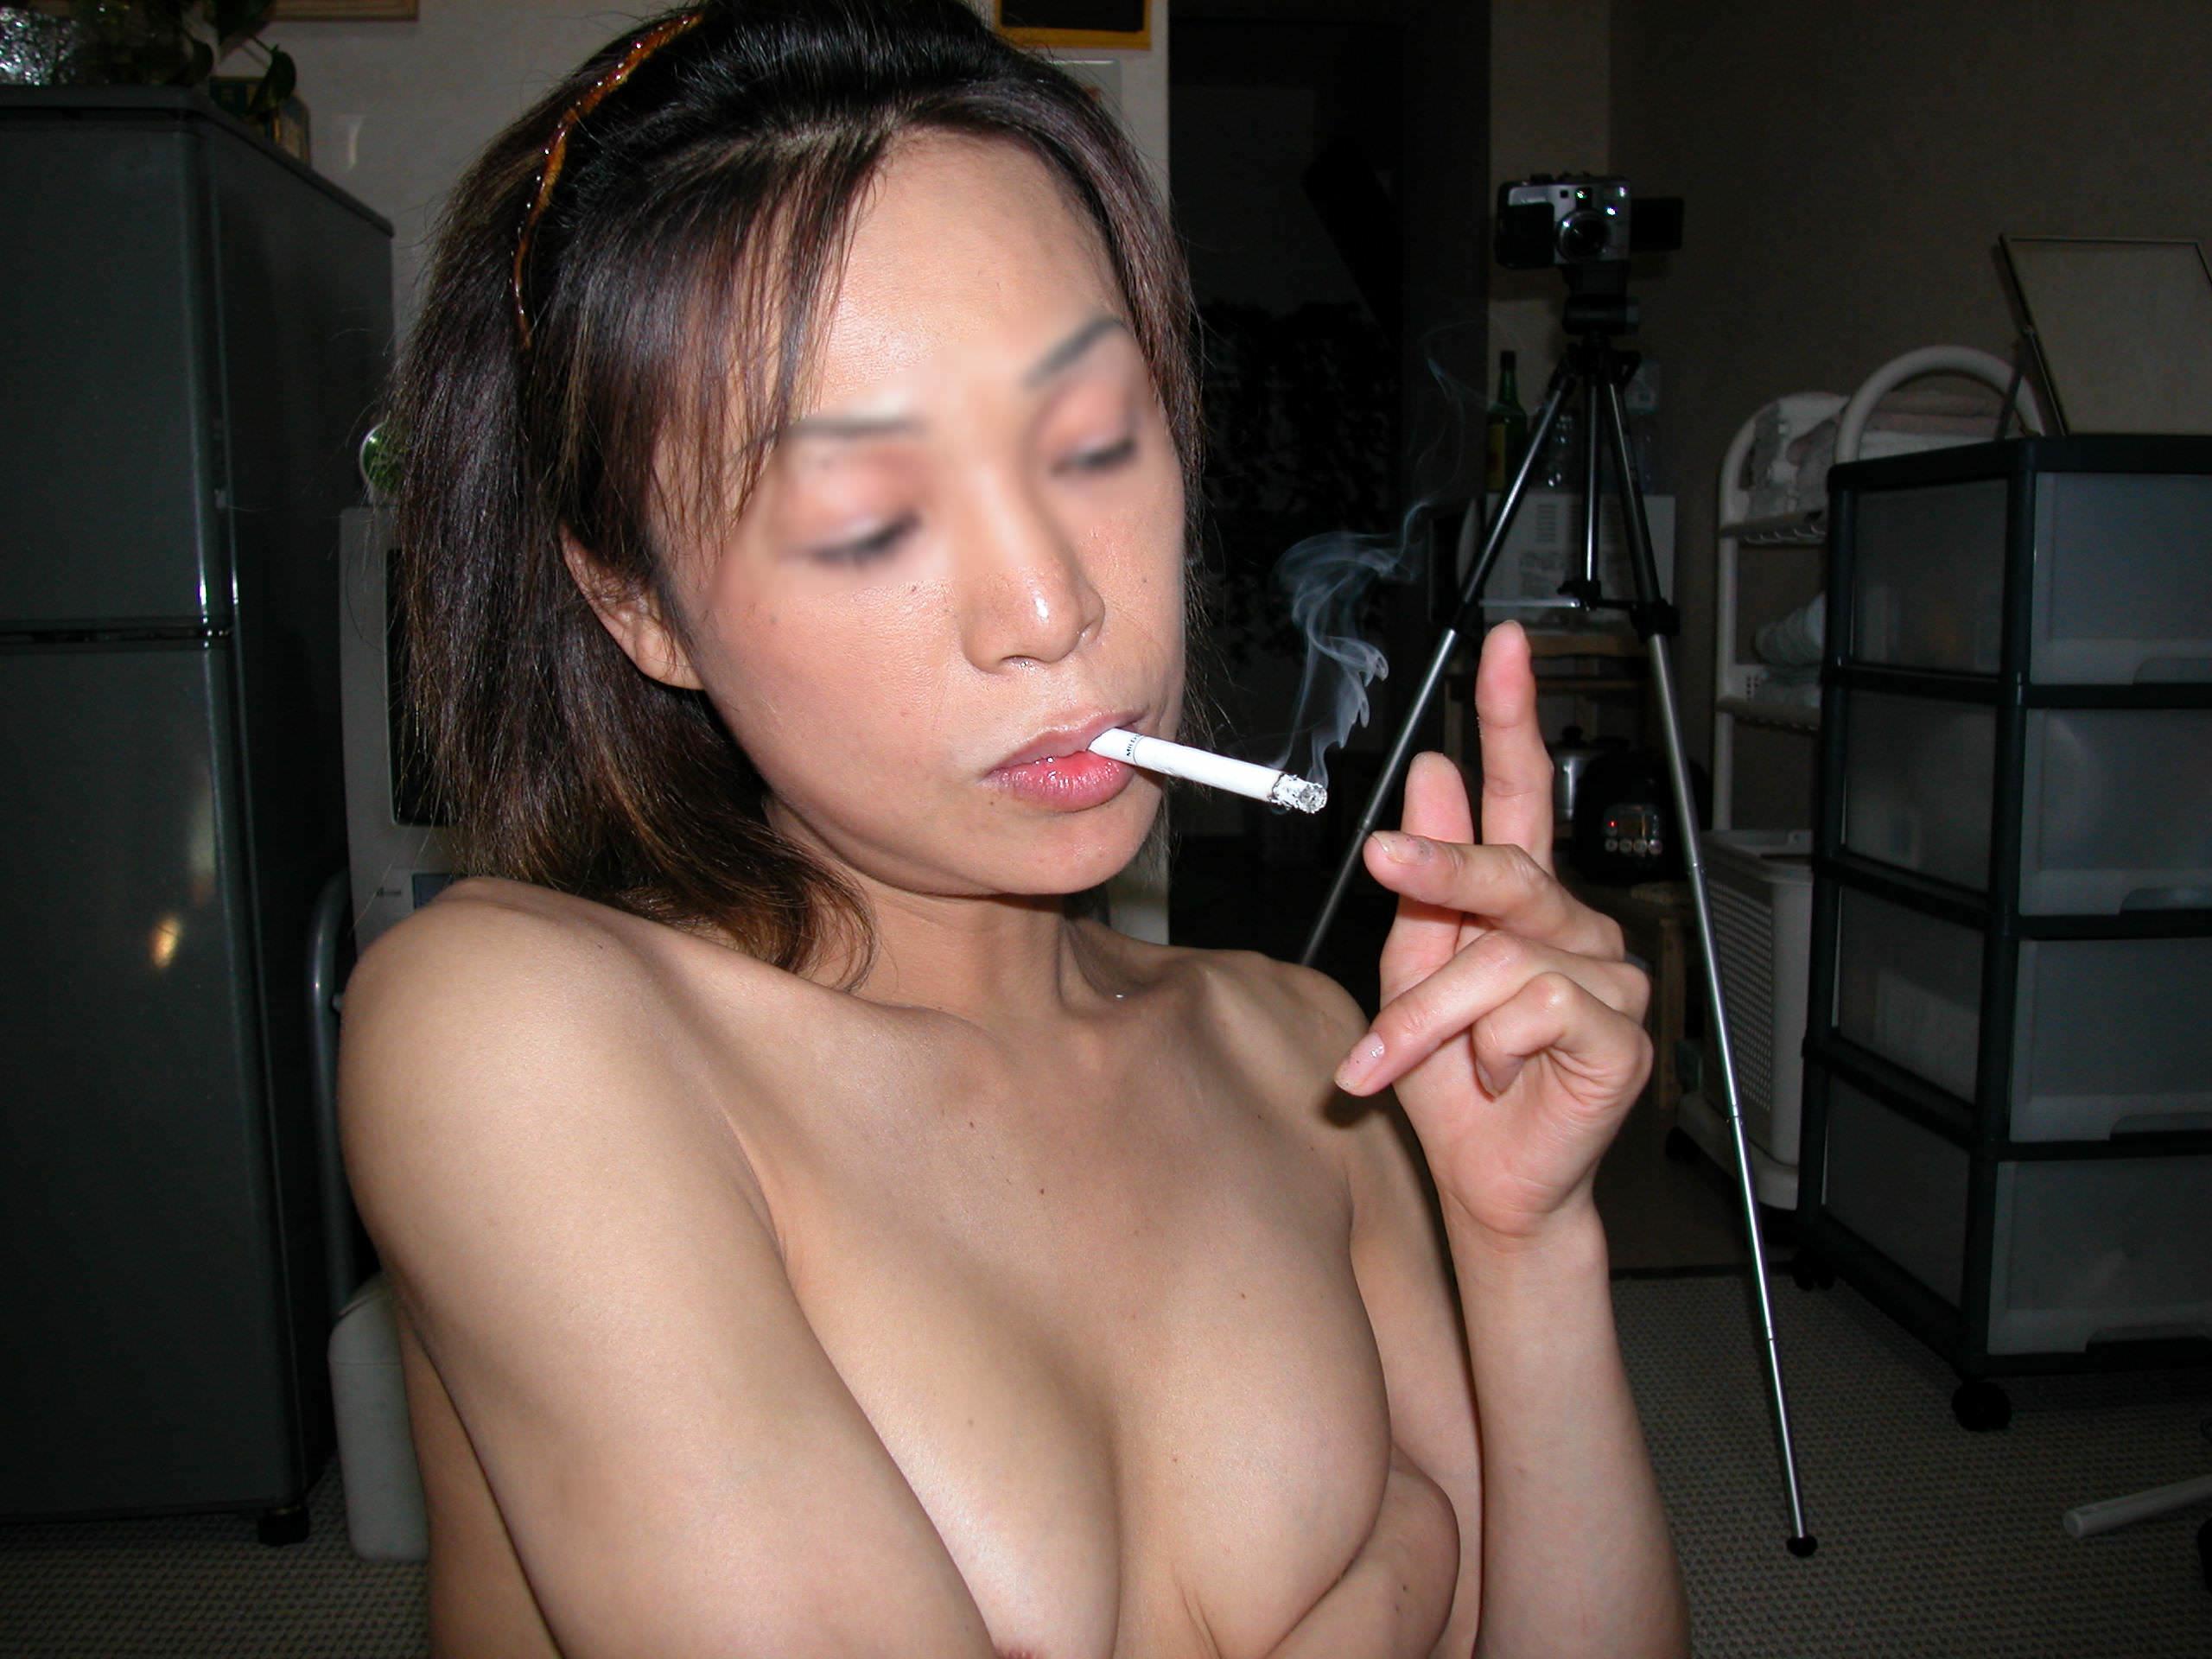 ヤニカスま~ん!激しいエッチが終わった後に全裸でタバコふかす熟女がコチラですwwww 2742